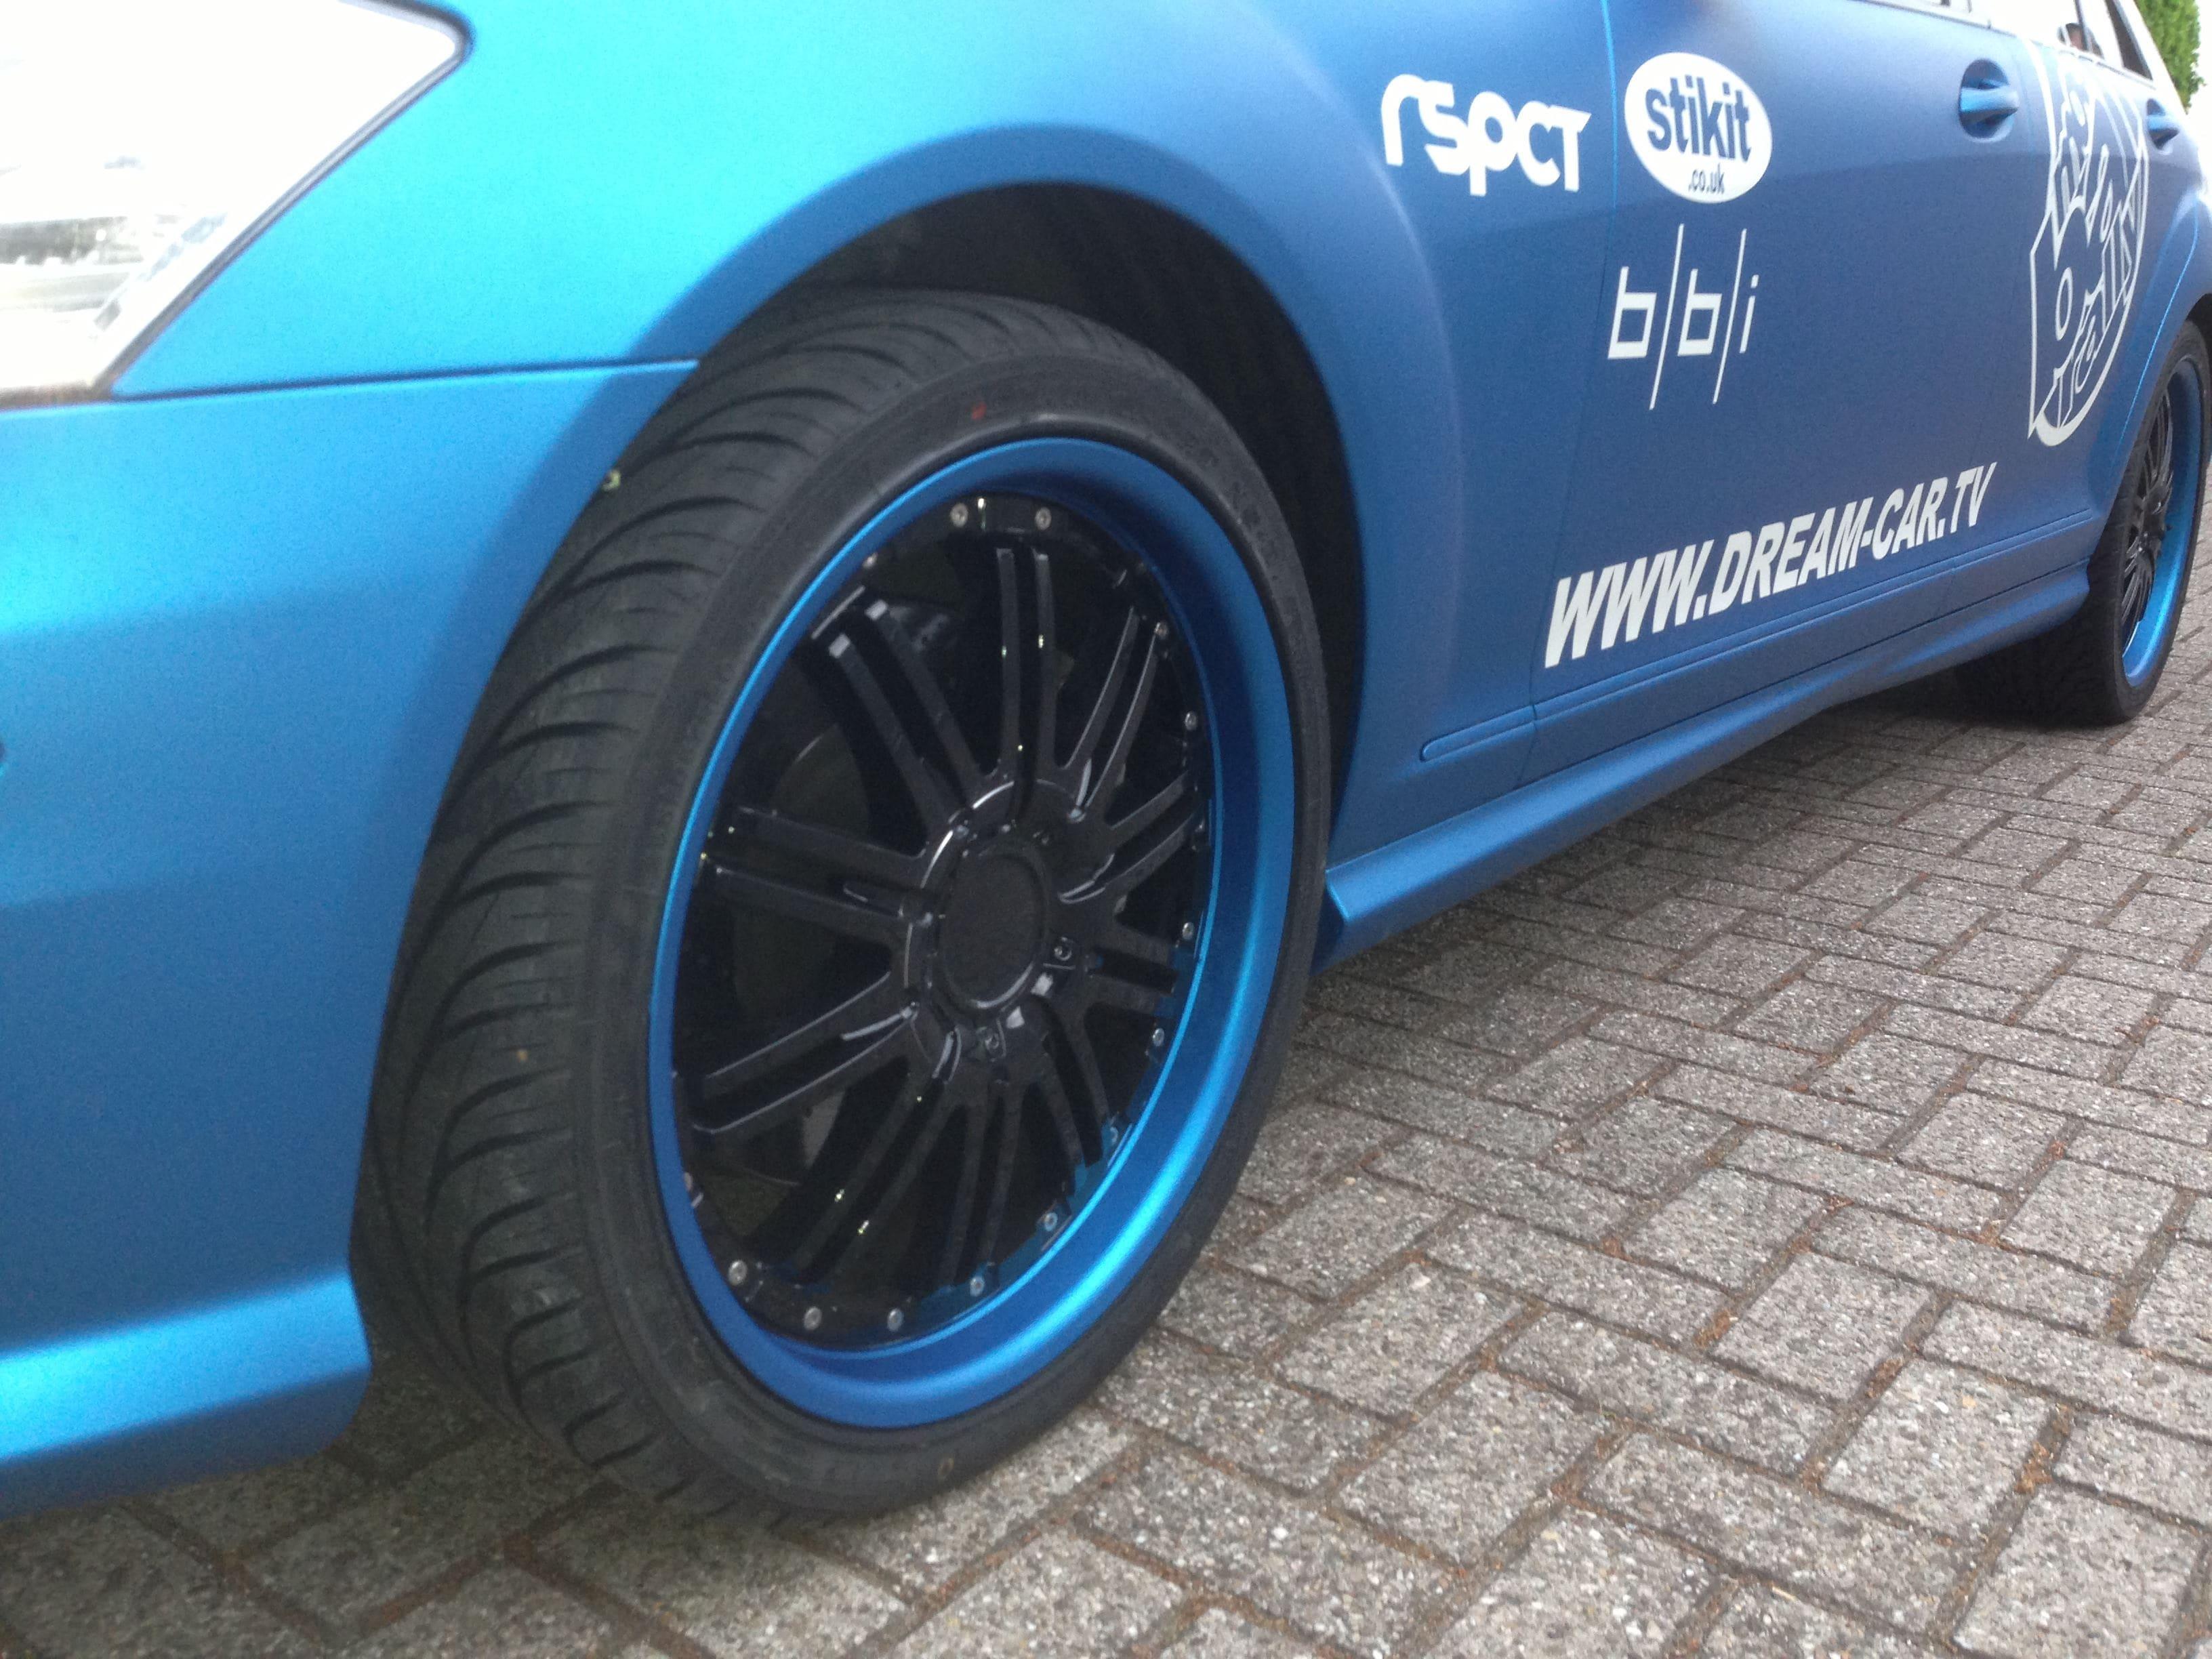 Mercedes S-Klasse AMG met Speciale Modball Wrap, Carwrapping door Wrapmyride.nu Foto-nr:6333, ©2021